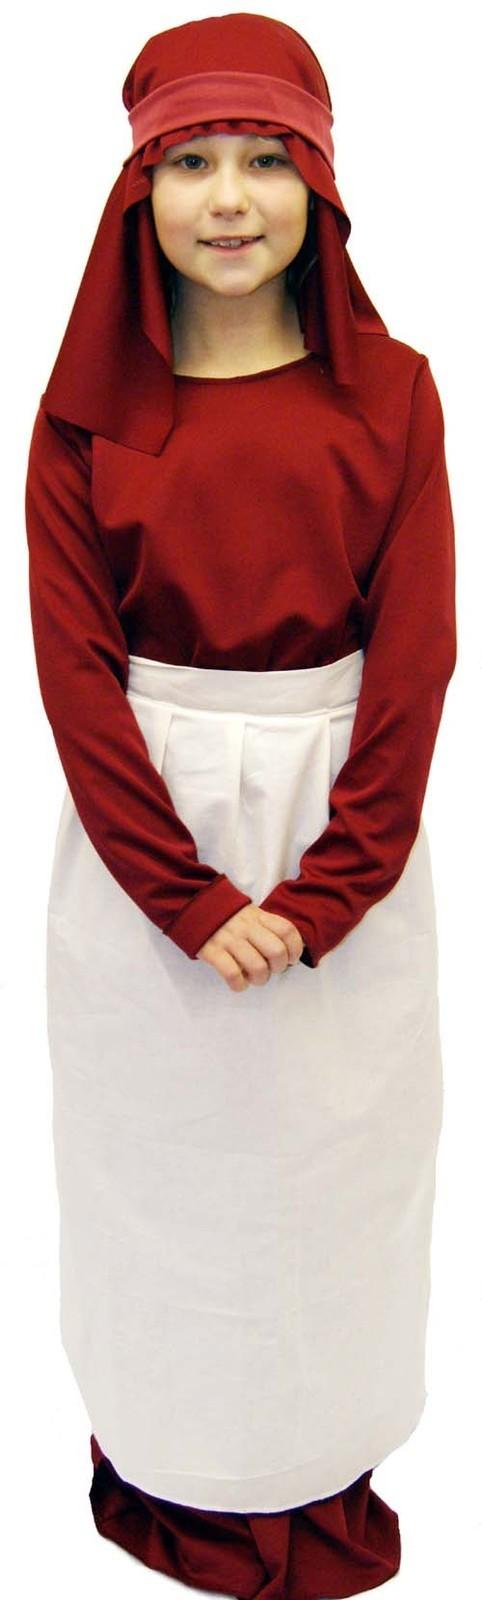 Childs Red Choir Boy Costume Religious Gospel Singer Fancy Dress